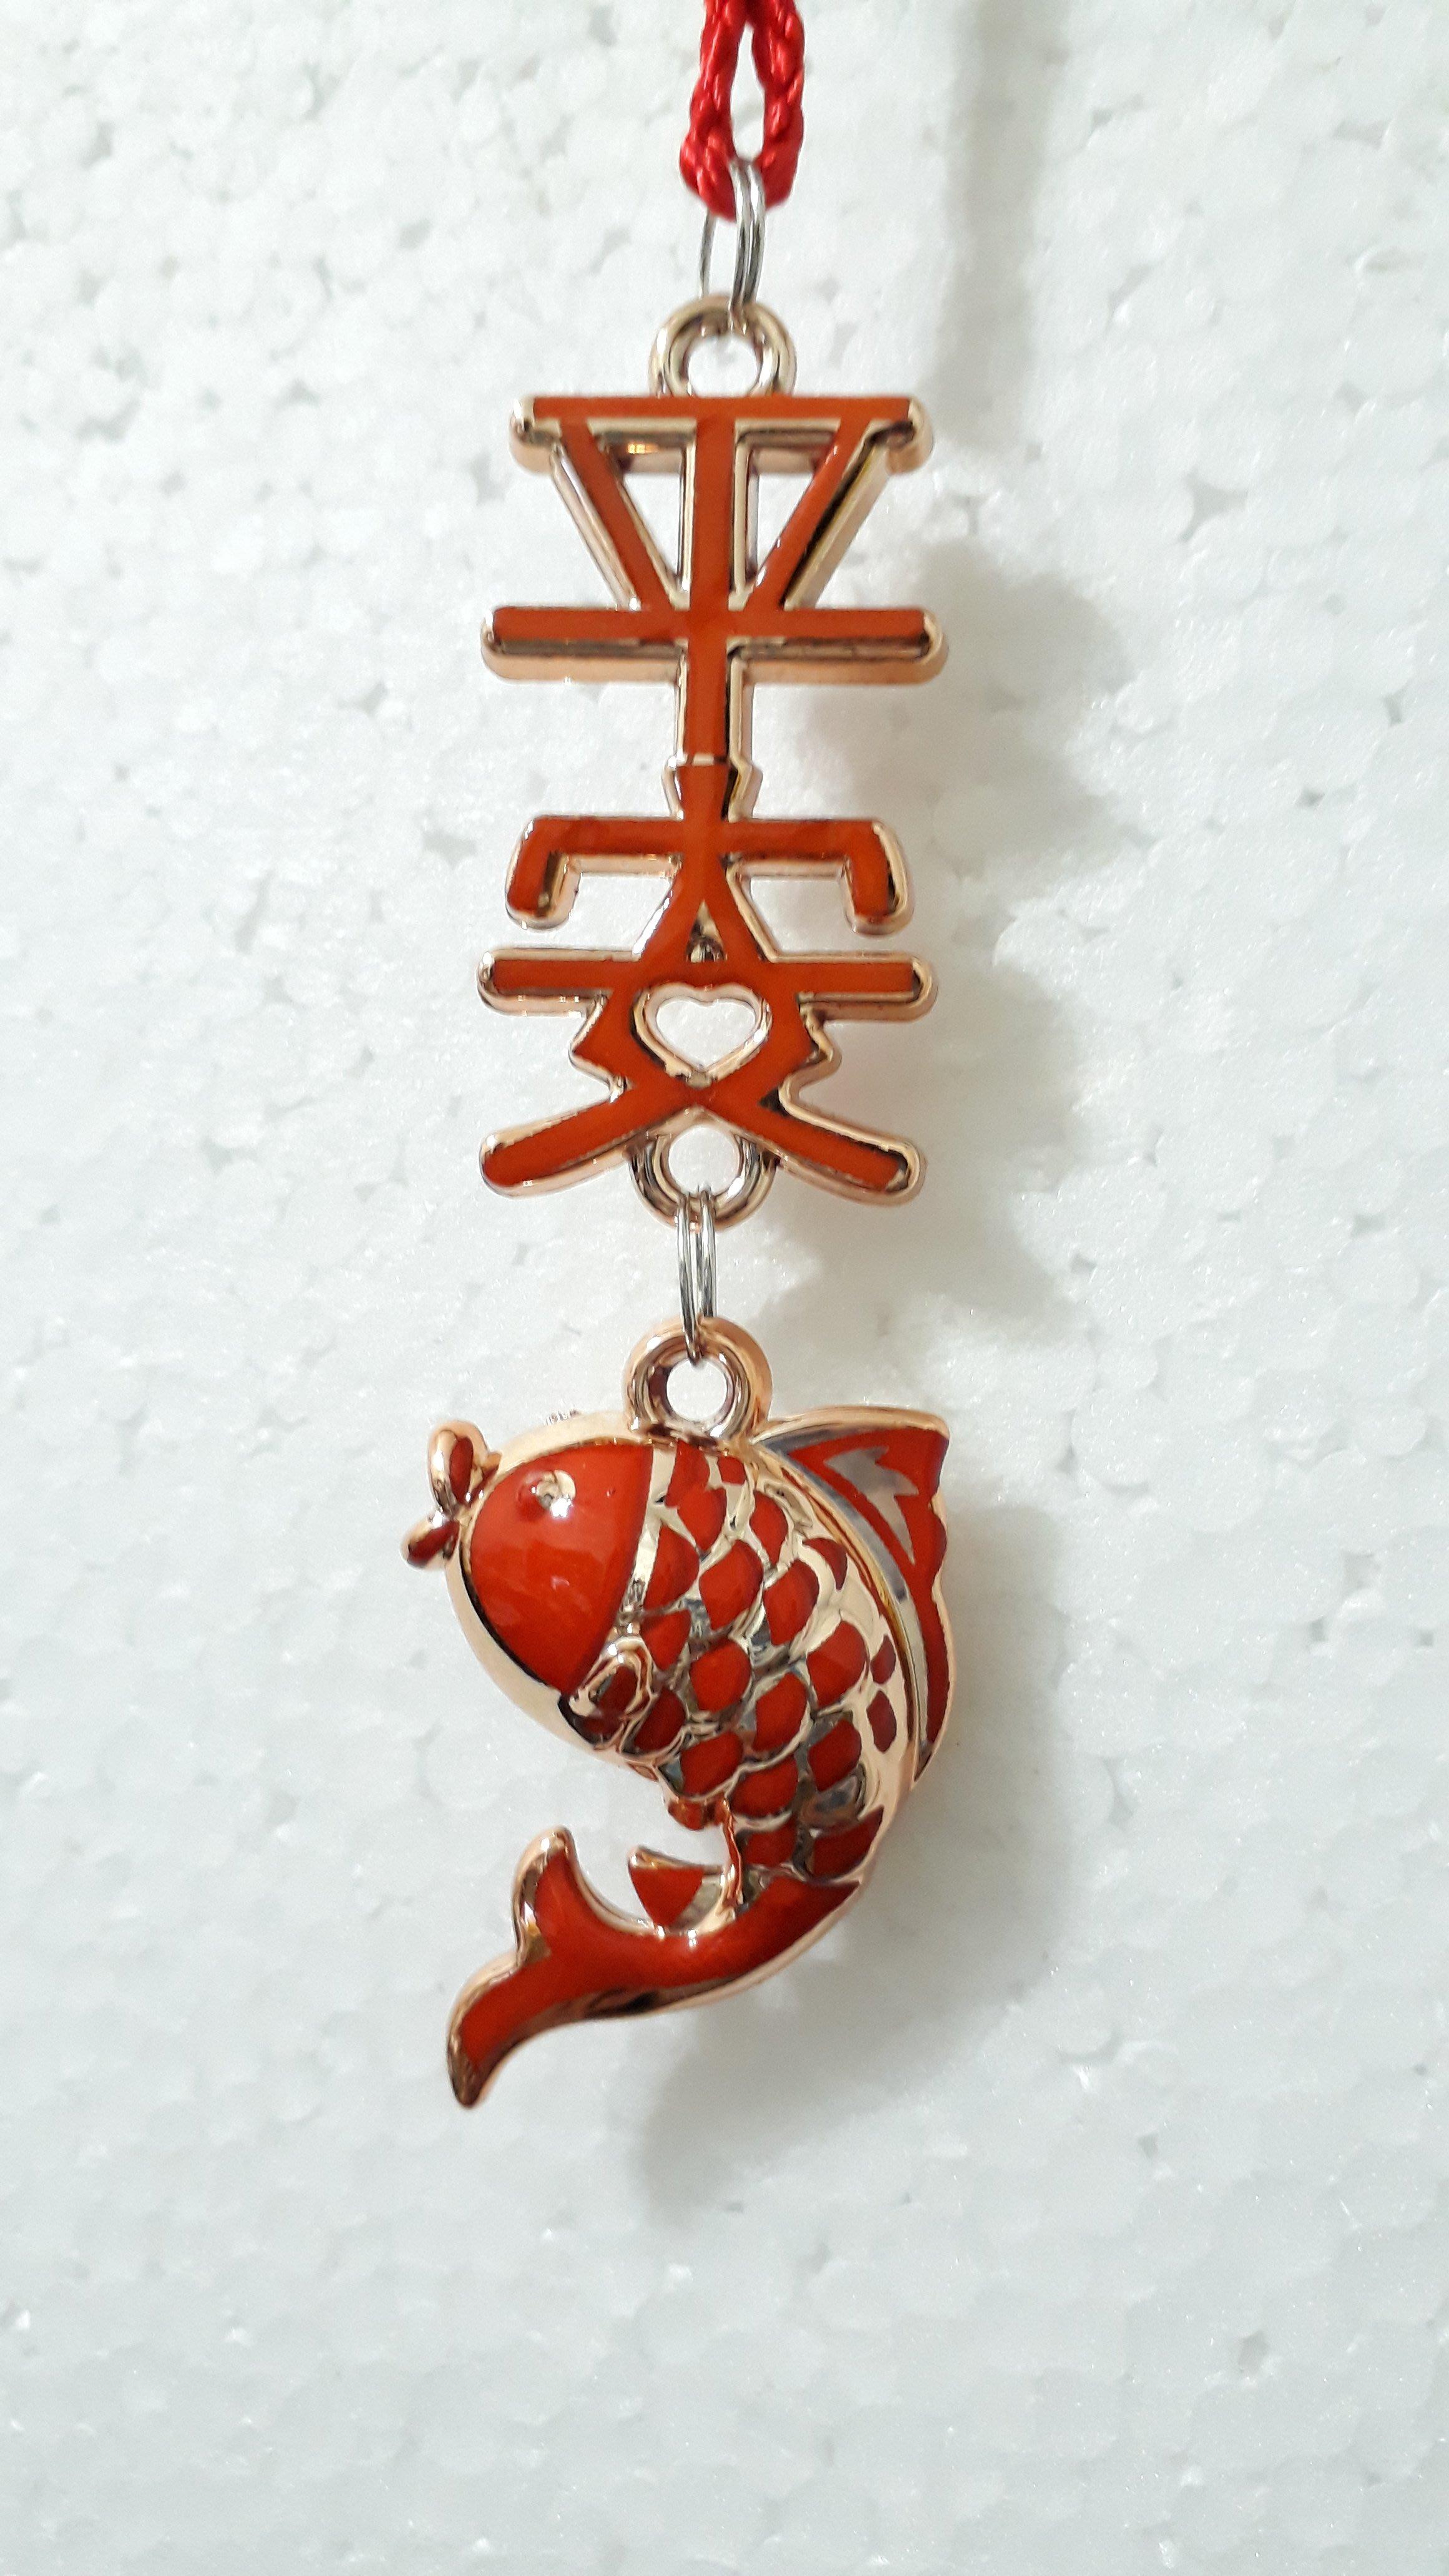 【九龍藝品】平安魚吊飾【1】競標